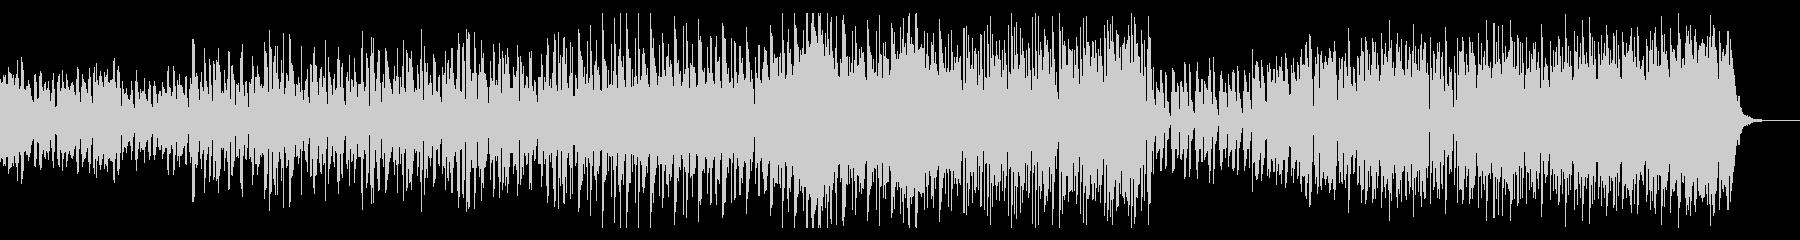 シンプルなアーバンビートの未再生の波形